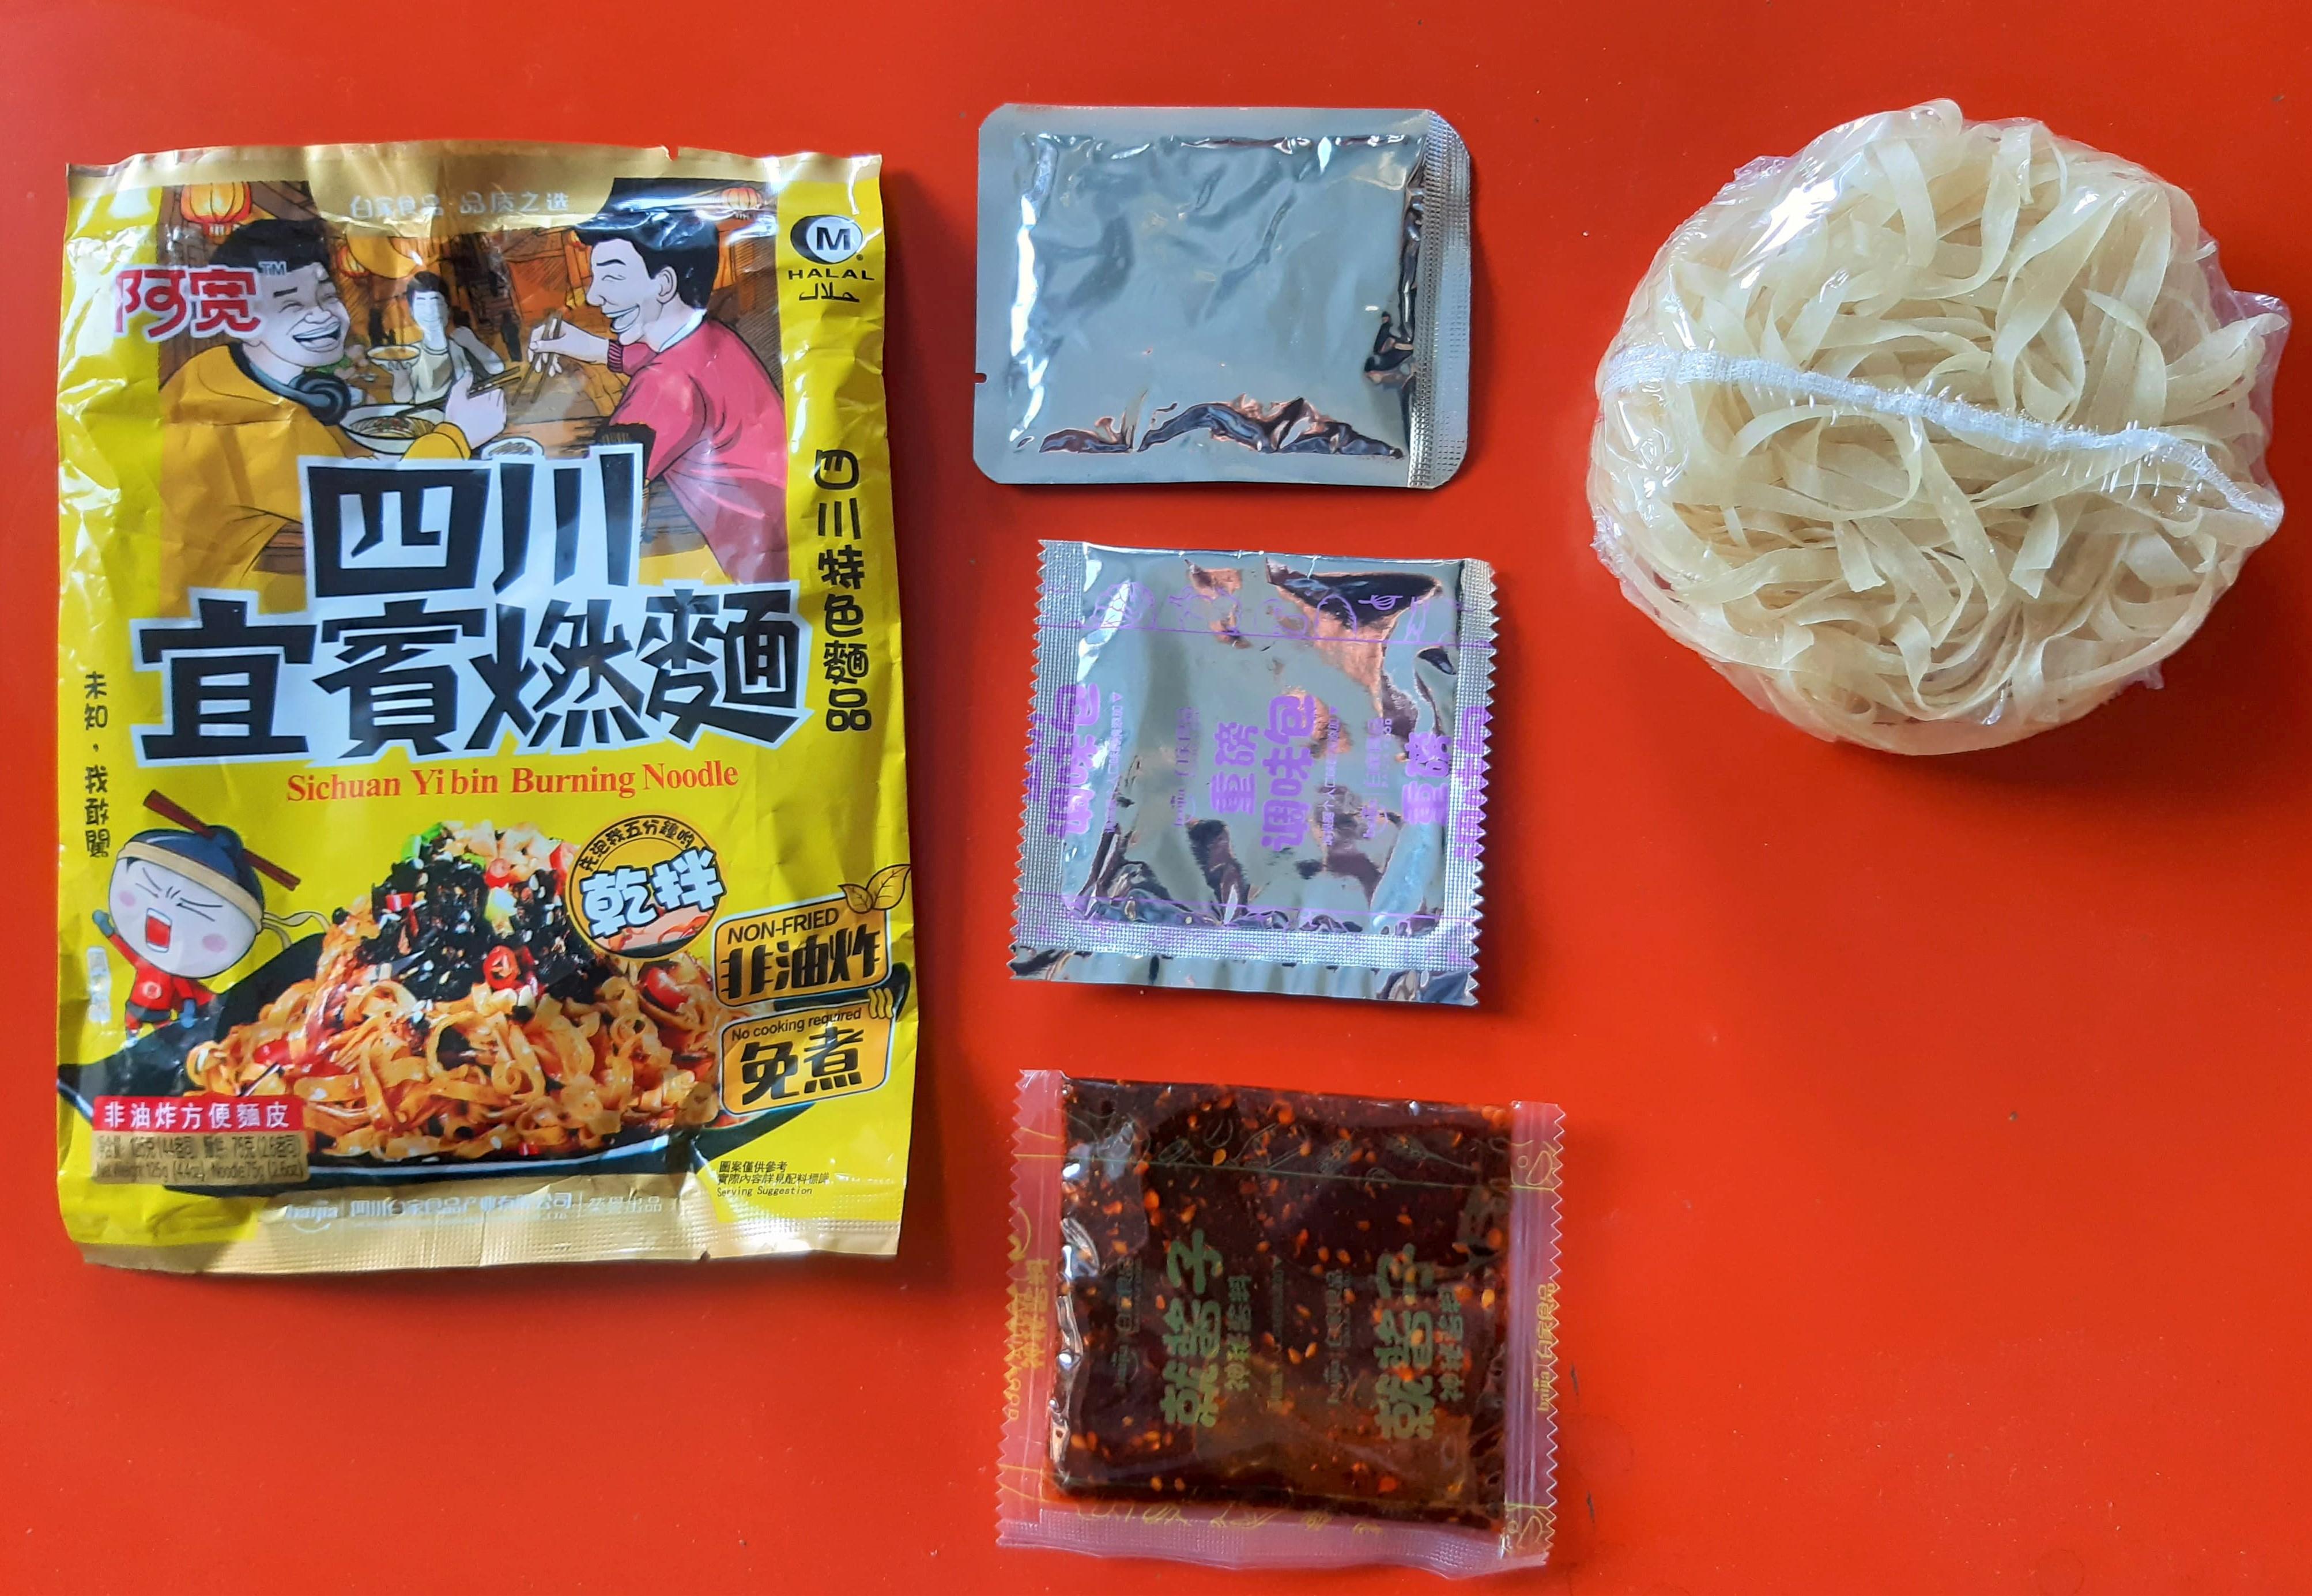 Numbing Noodle 01 Sichaun Yi Bin